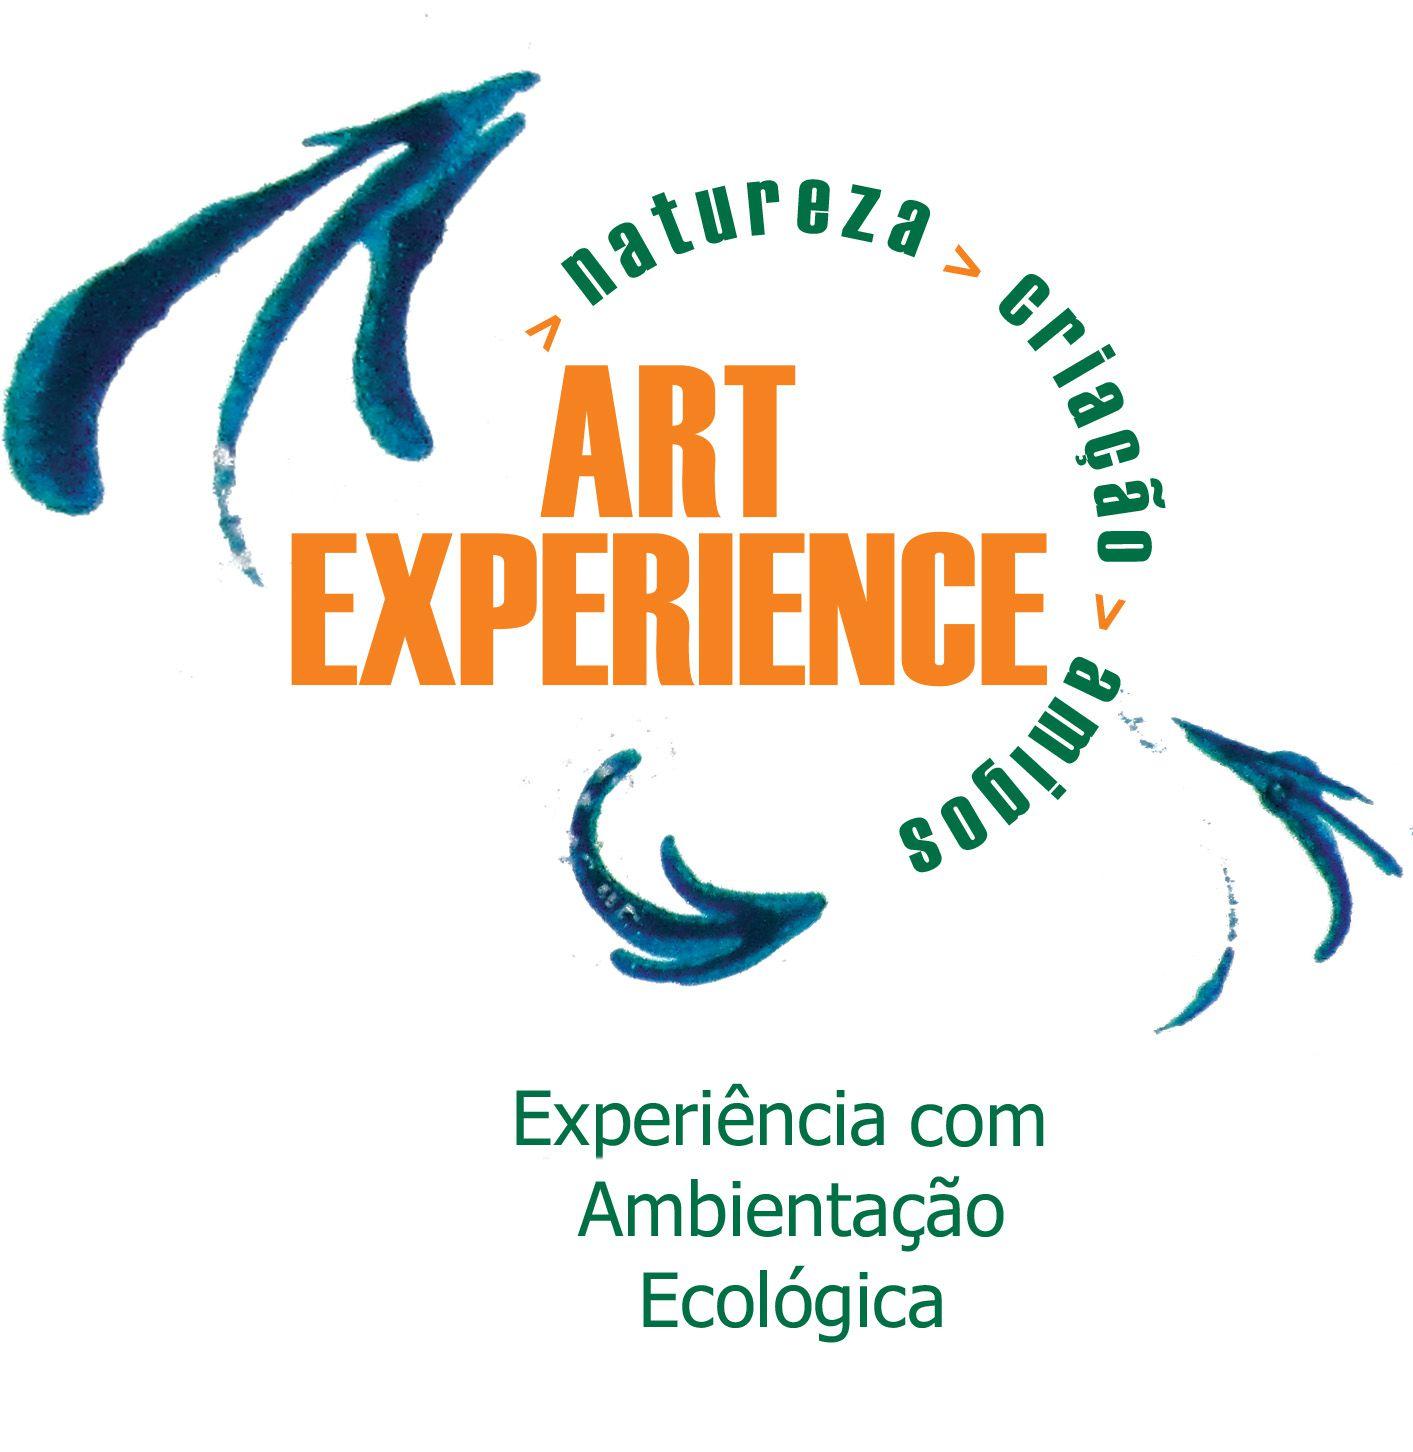 112 - Experiência Artística Sensorial  - 14/09/2019 - Até 11 pessoas, com translado incluso,, da Capital ou Grande ABC